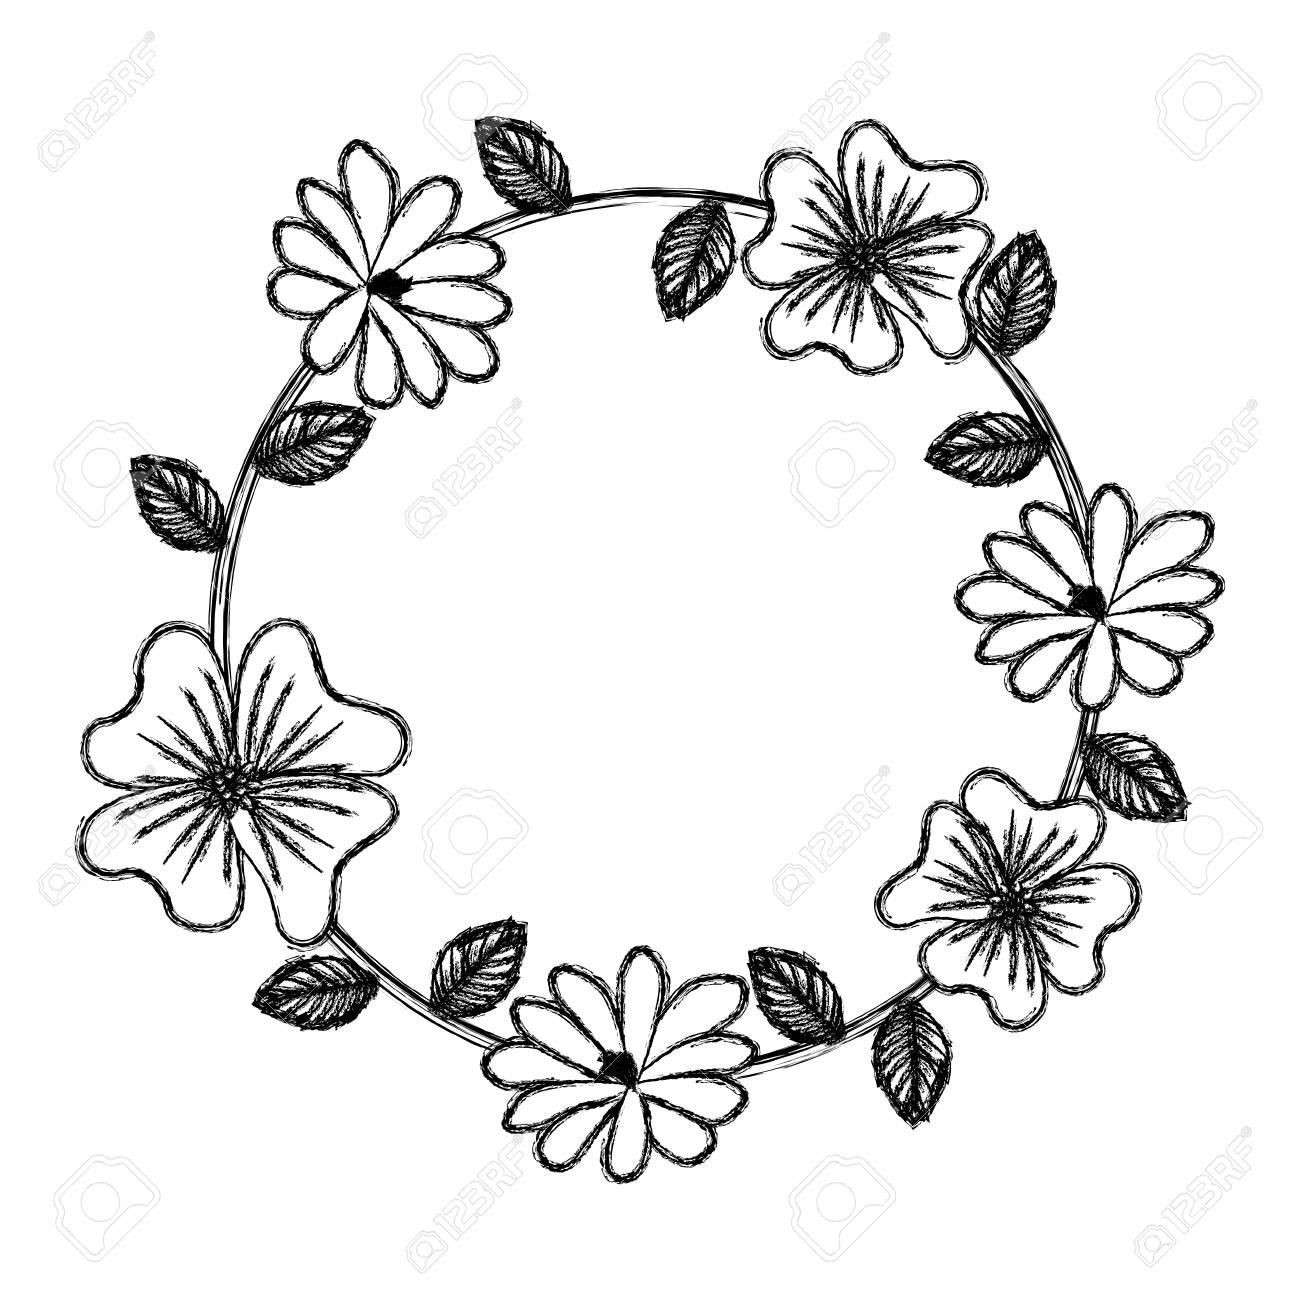 floral wreath leaves decoration natural vector illustration sketch